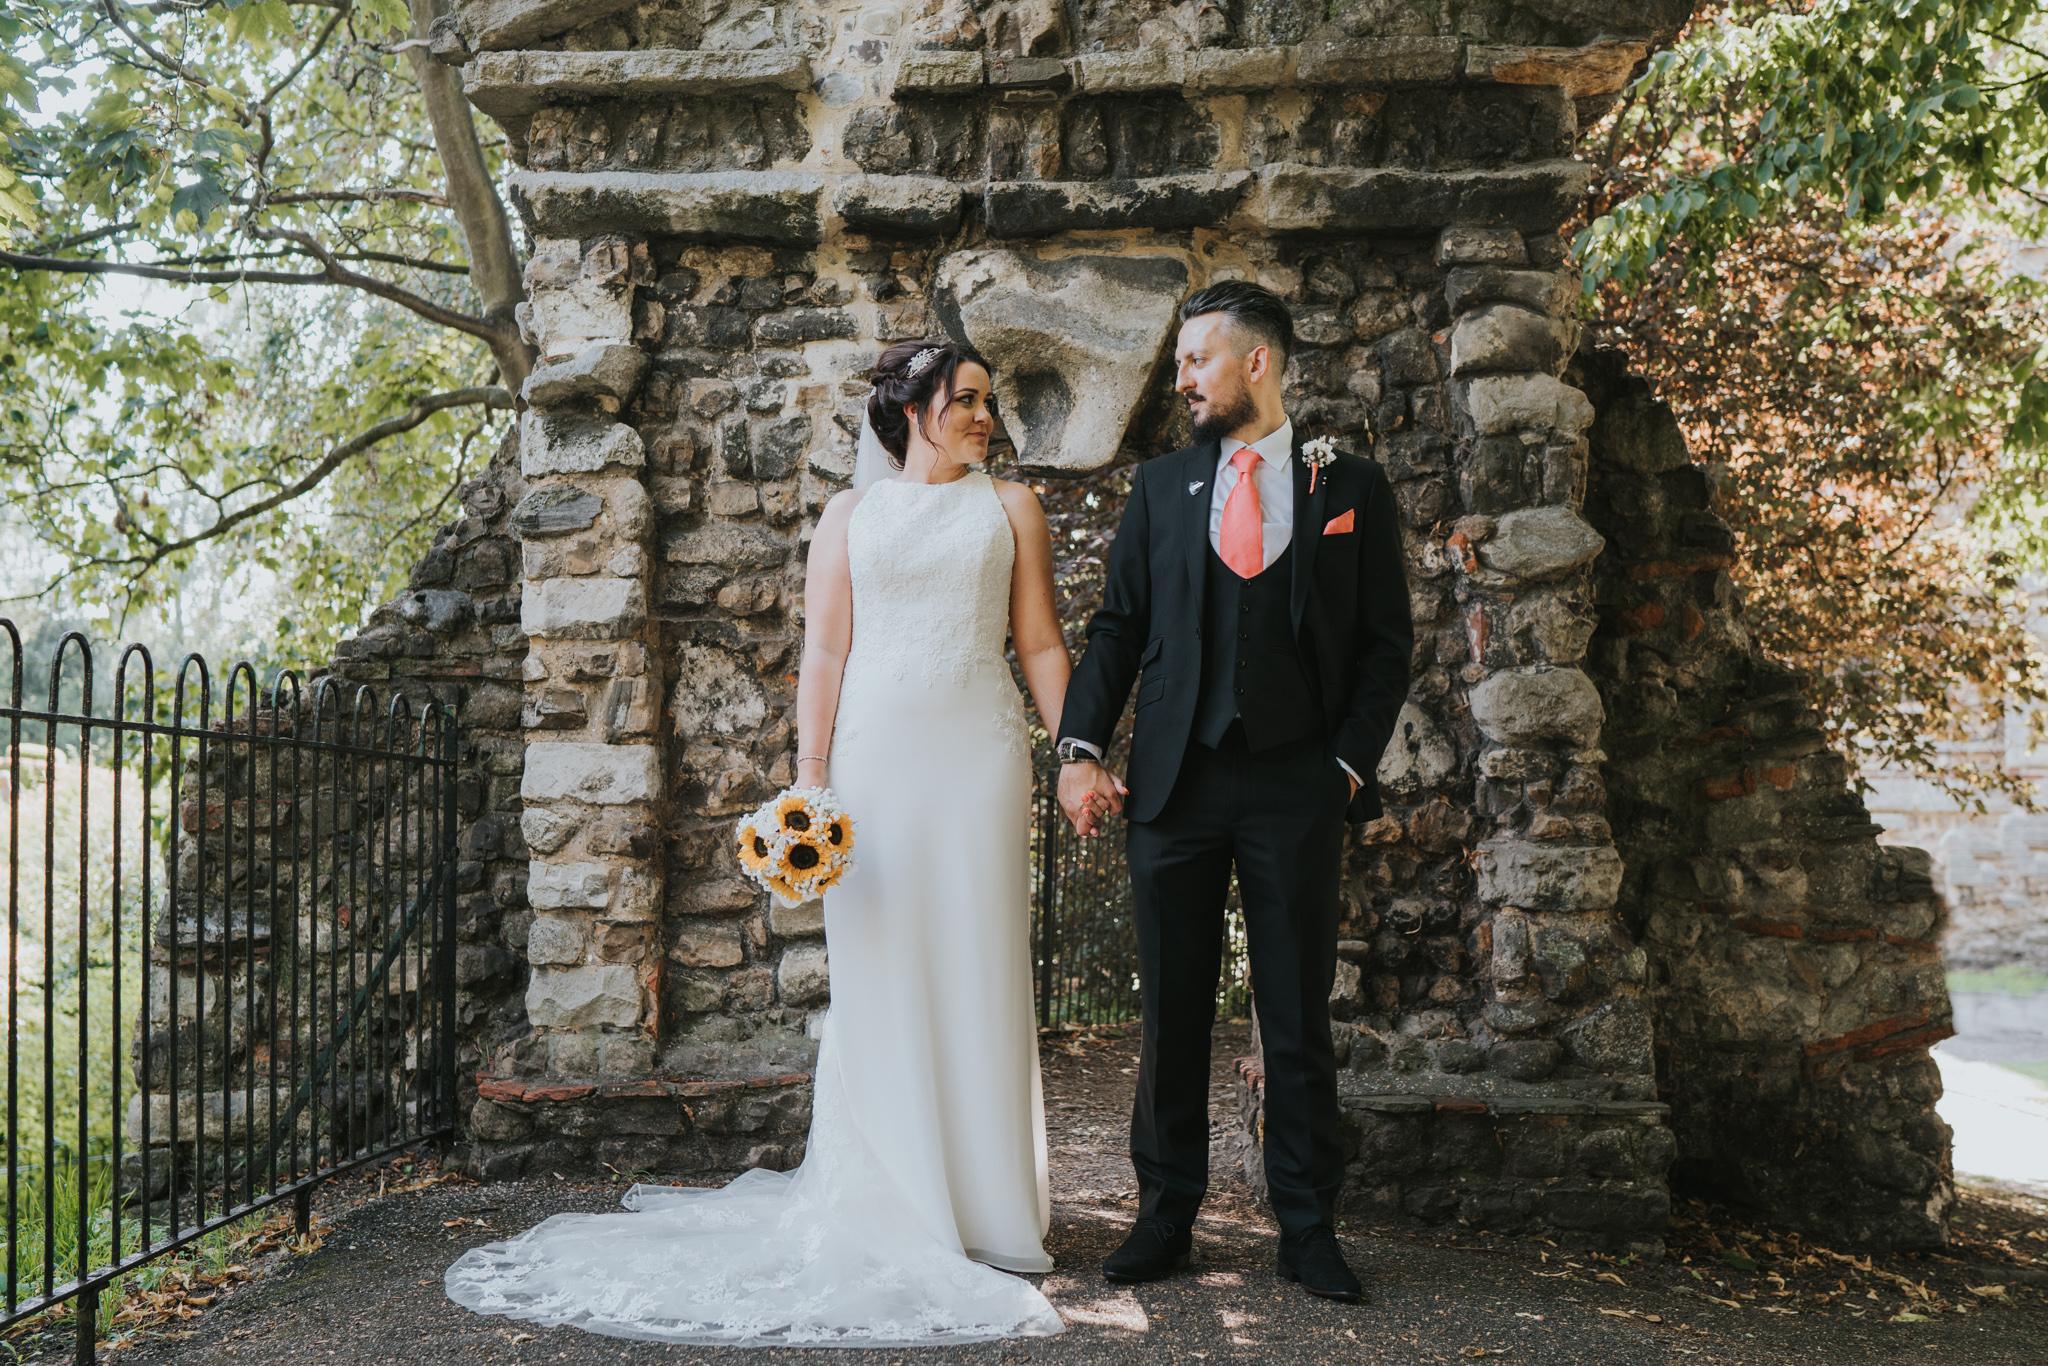 Joe-Tiffany-Colchester-Castle-Wedding-Essex-Grace-Elizabeth-Colchester-Essex-Alternative-Wedding-Photographer-Suffolk-Norfolk-Devon (67 of 122).jpg